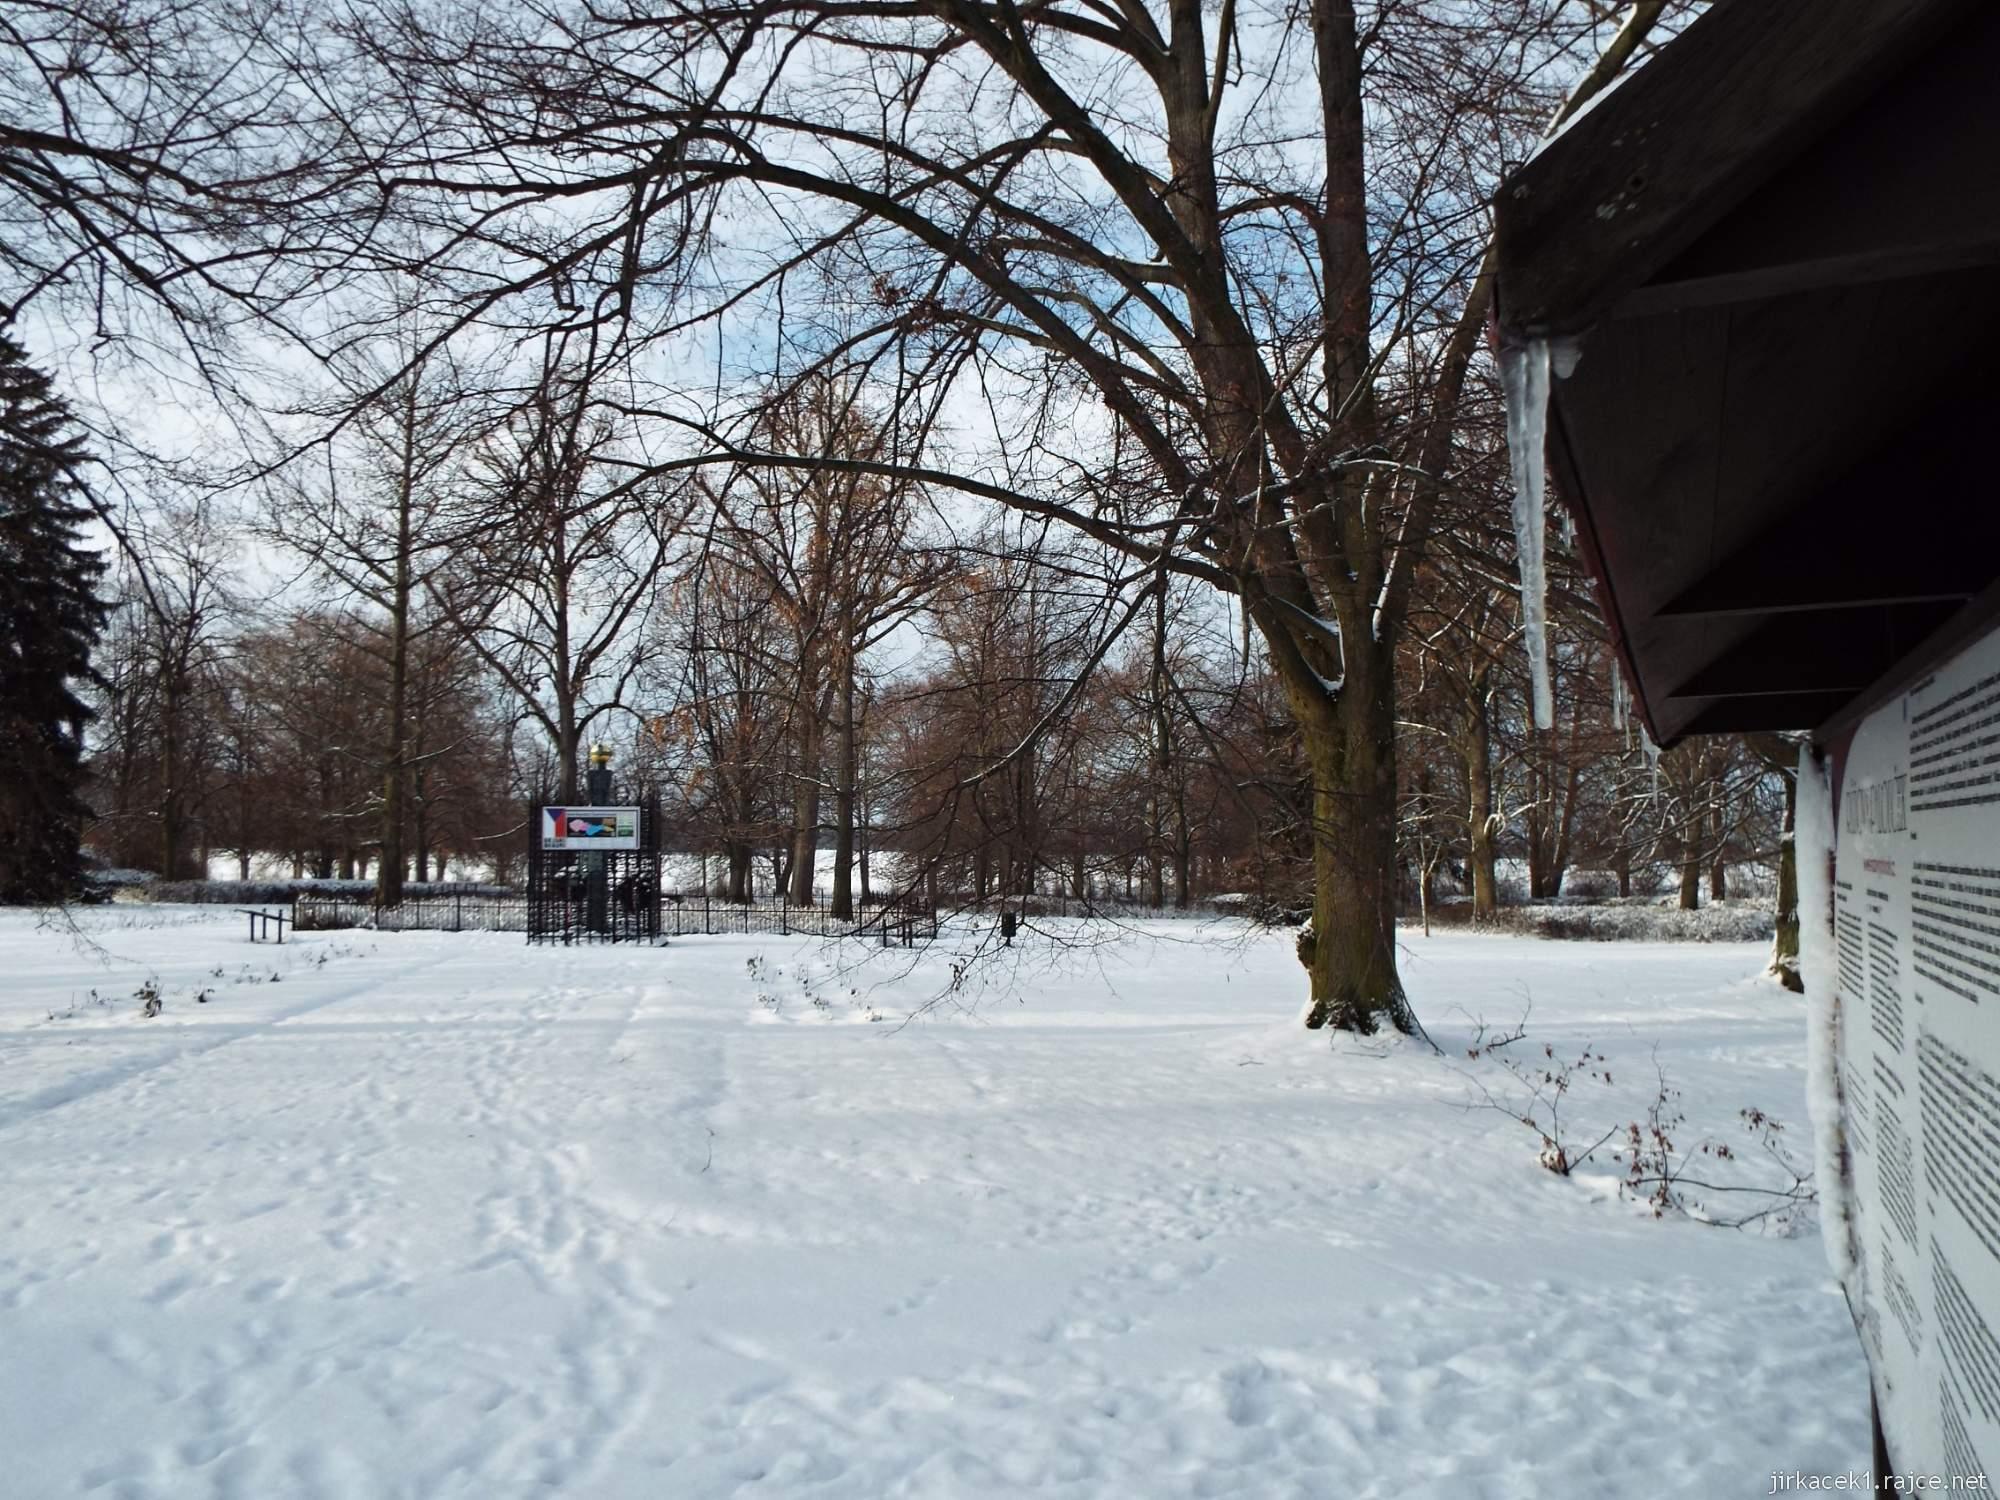 Růžový palouček - památník v zimě